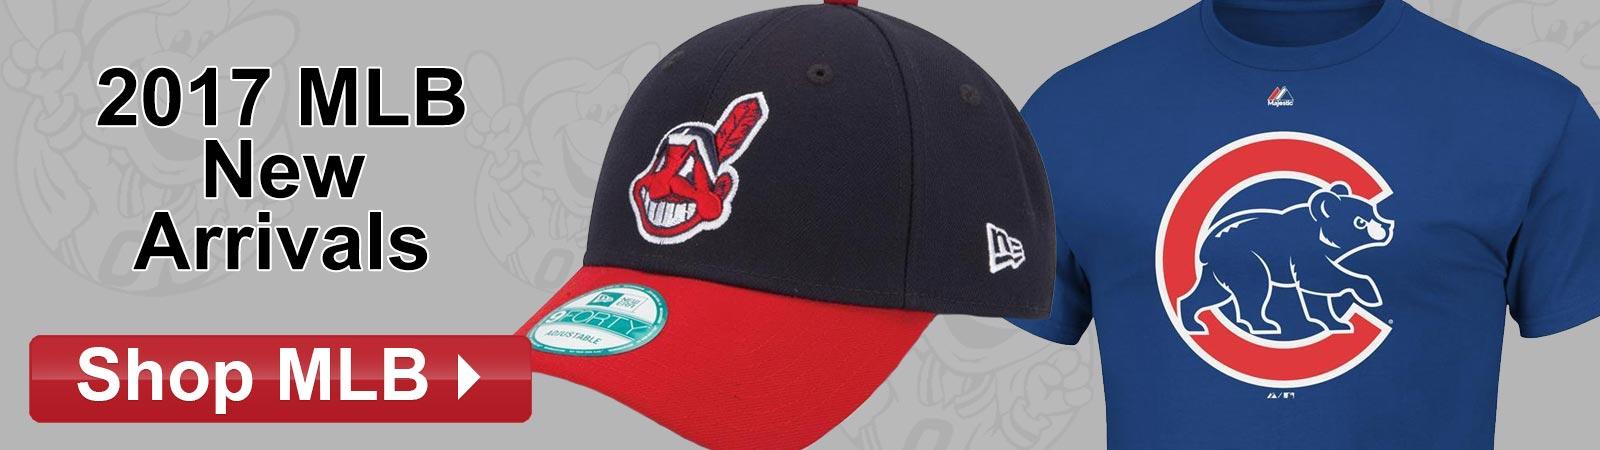 Shop MLB New Arrivals